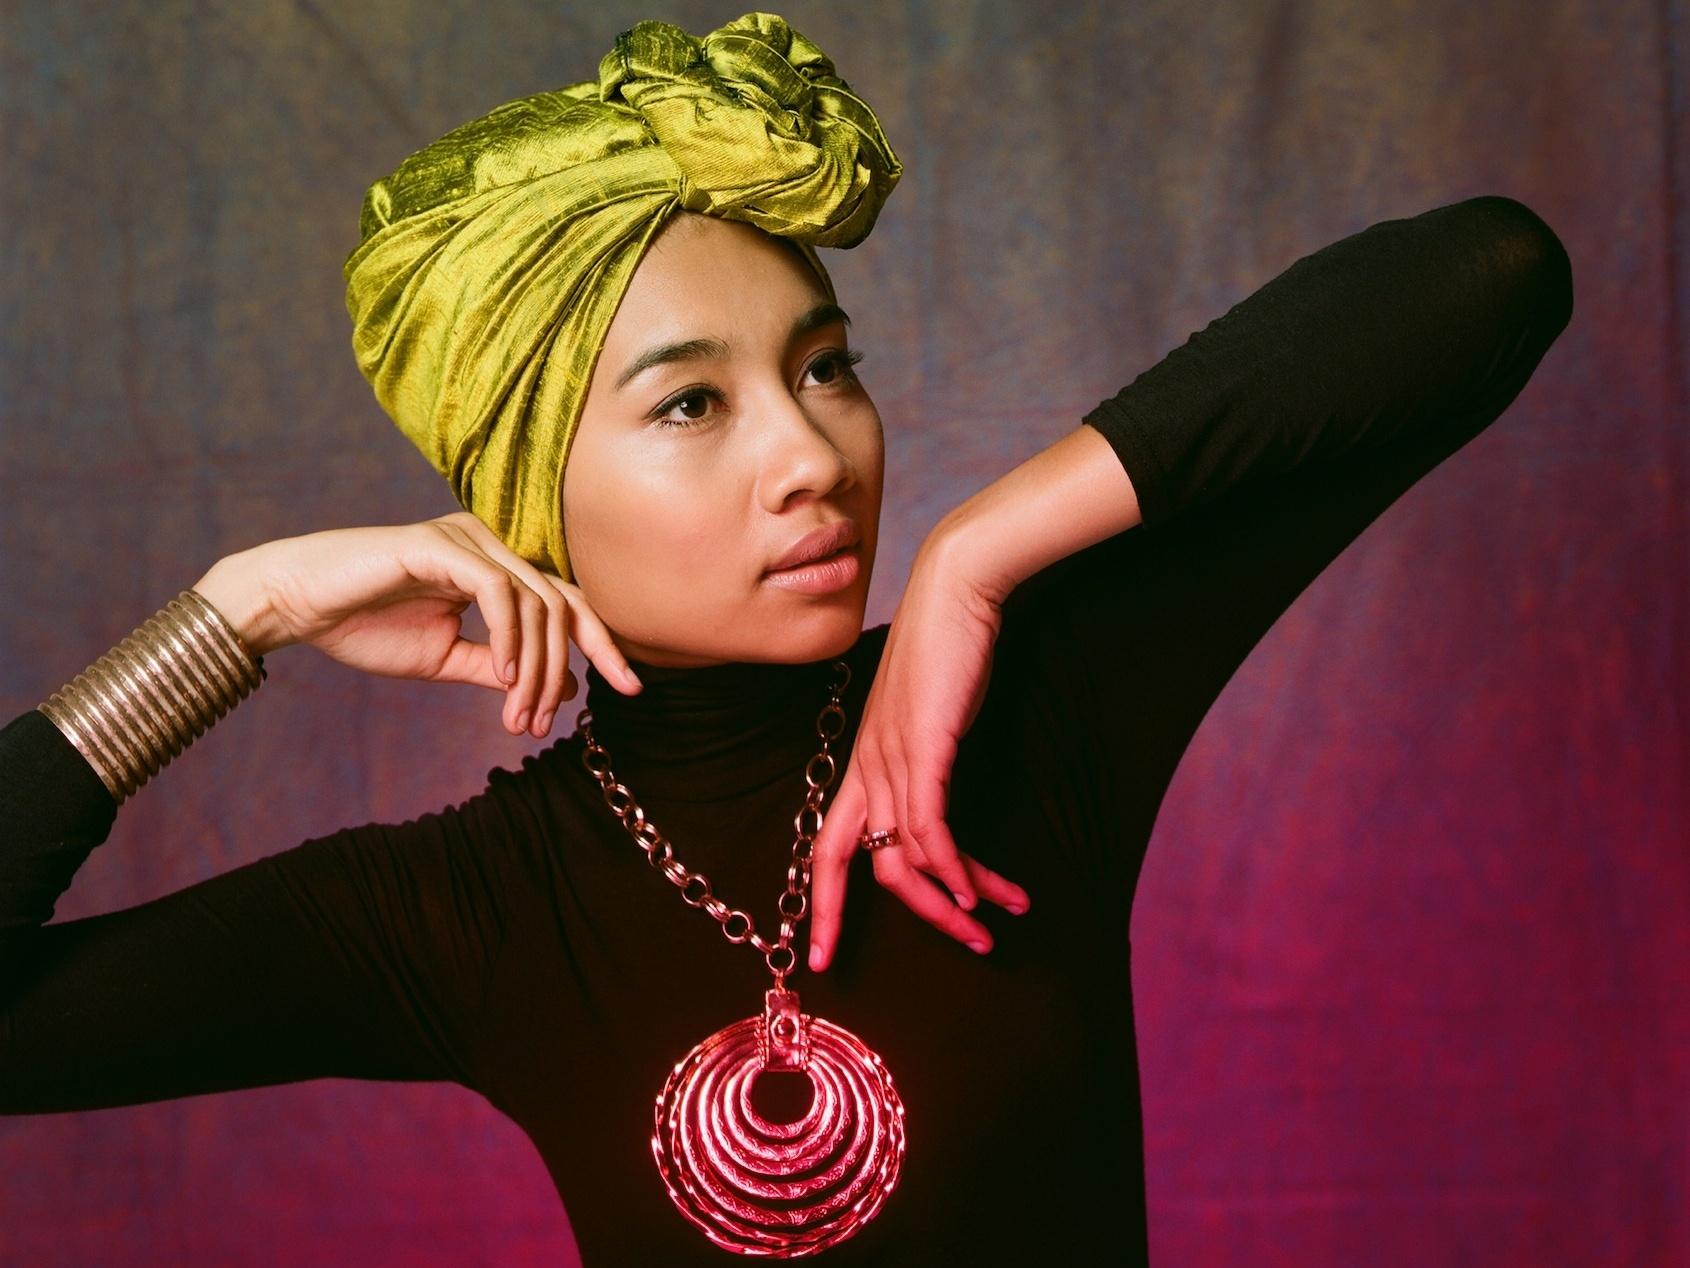 Muslim Pop Star Yuna Climbs The U.S. Charts